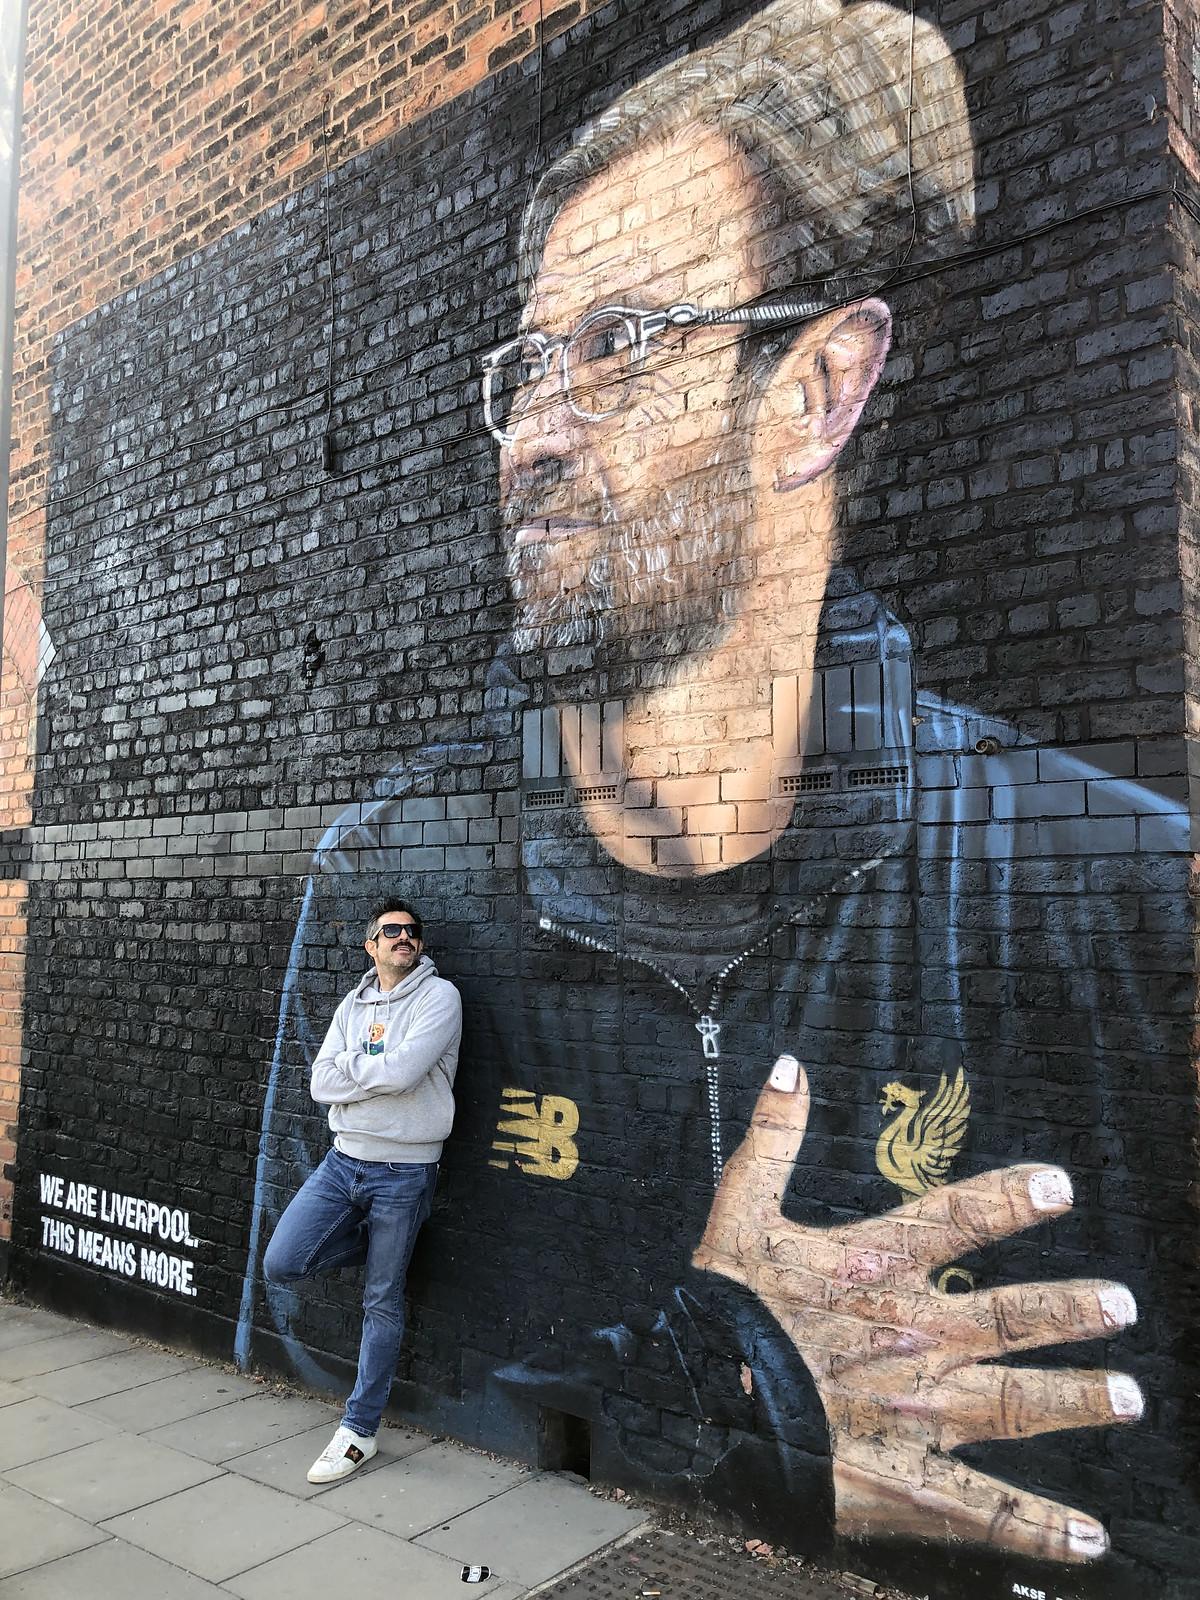 Maratón de Liverpool, Marathon maratón de liverpool - 48687230378 d49aef820d h - Maratón de Liverpool: análisis, recorrido, entrenamiento y recomendaciones de viaje